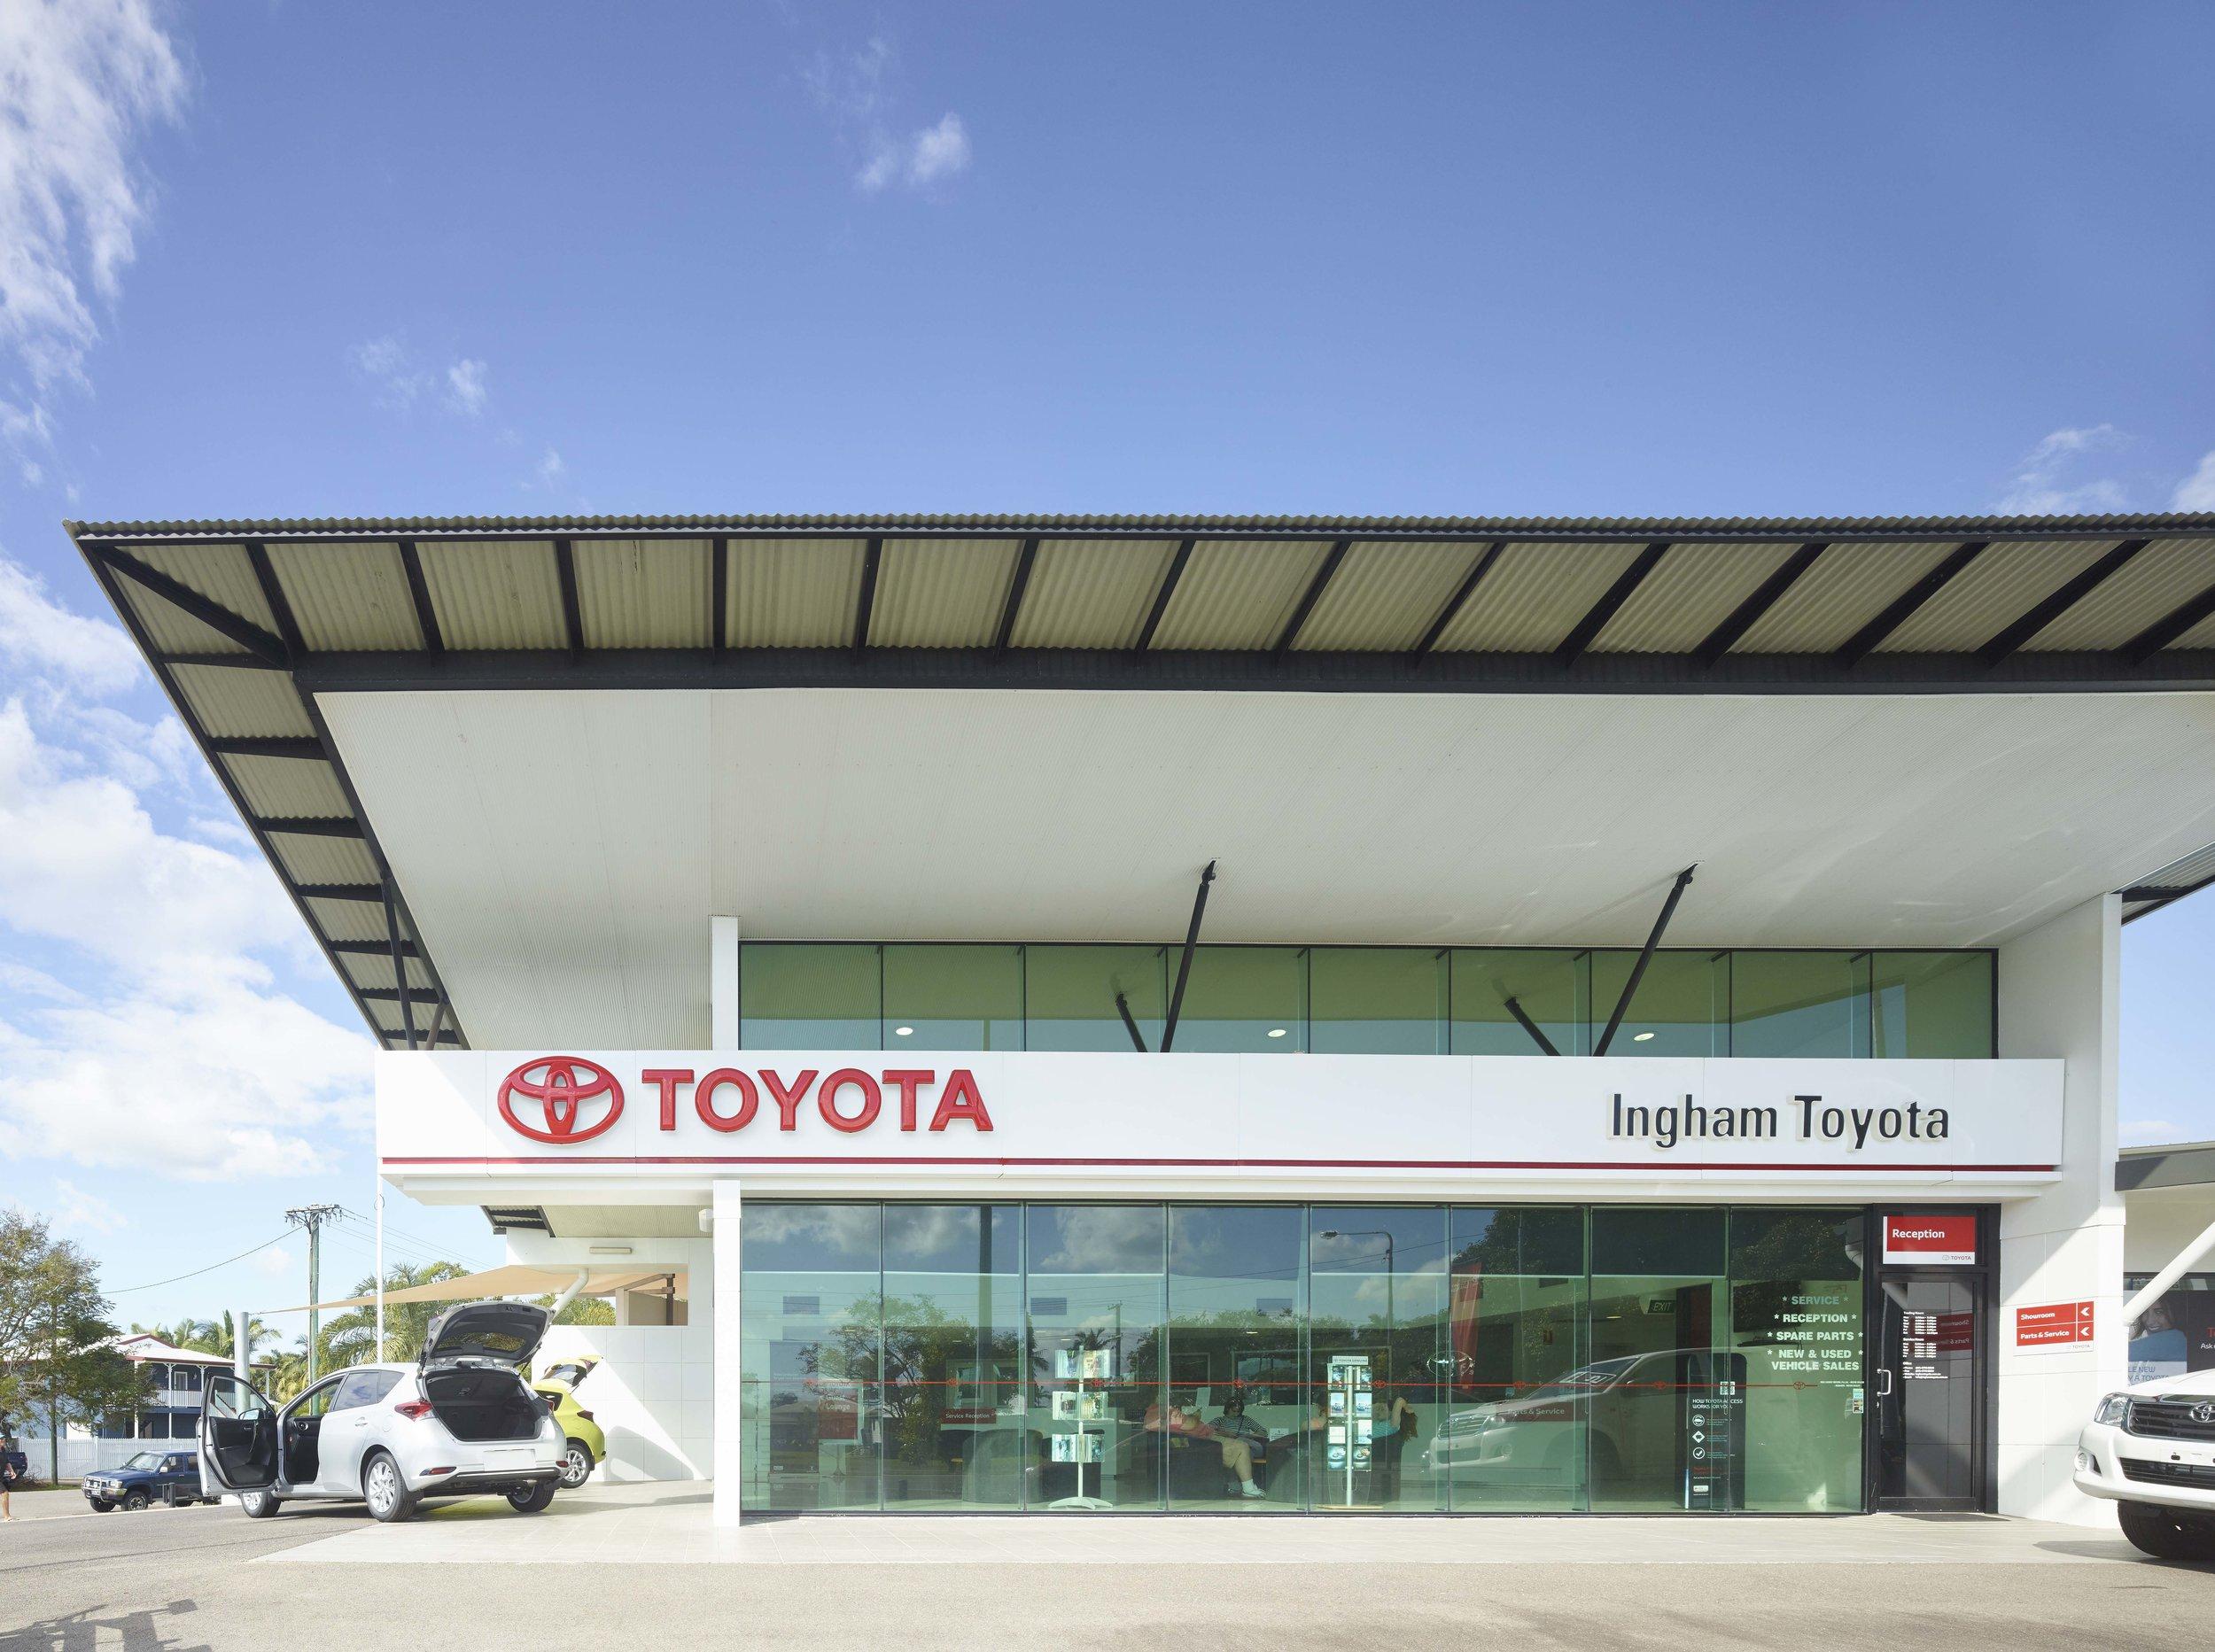 Guymer-bailey-architects-Toyota-Ingham-04.jpg